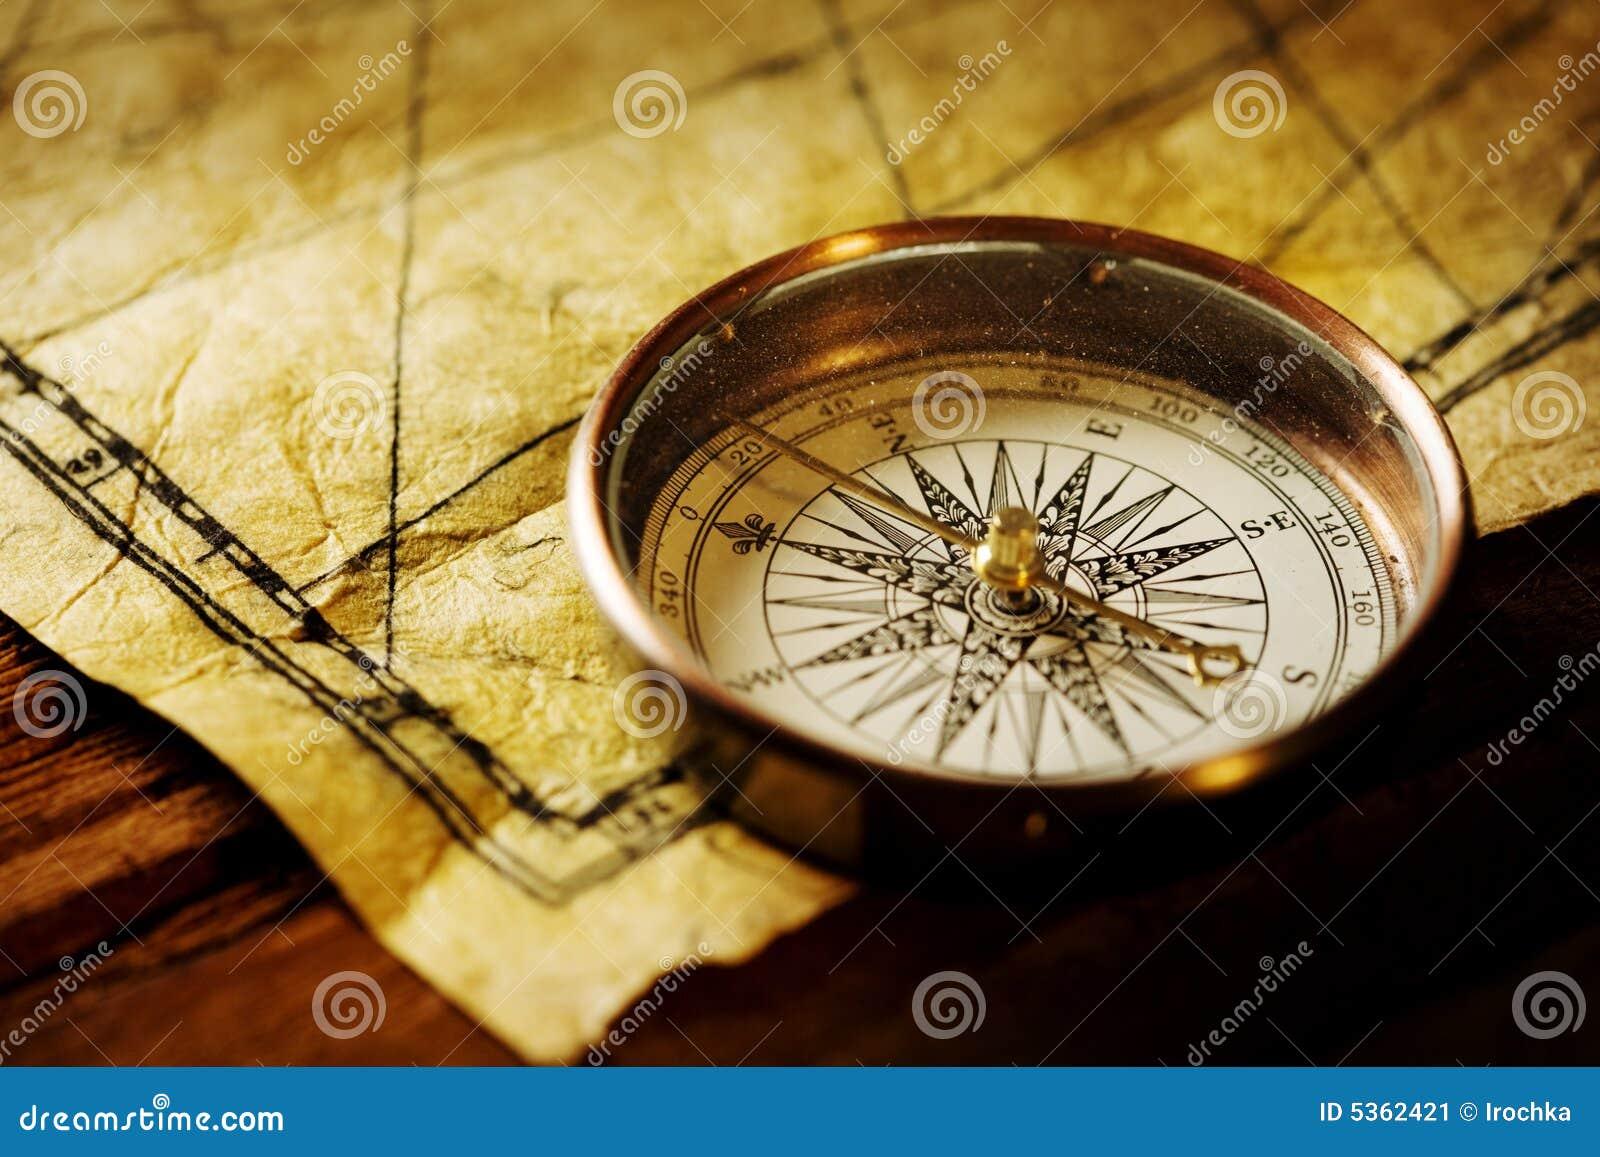 compas de navigation image stock image 5362421